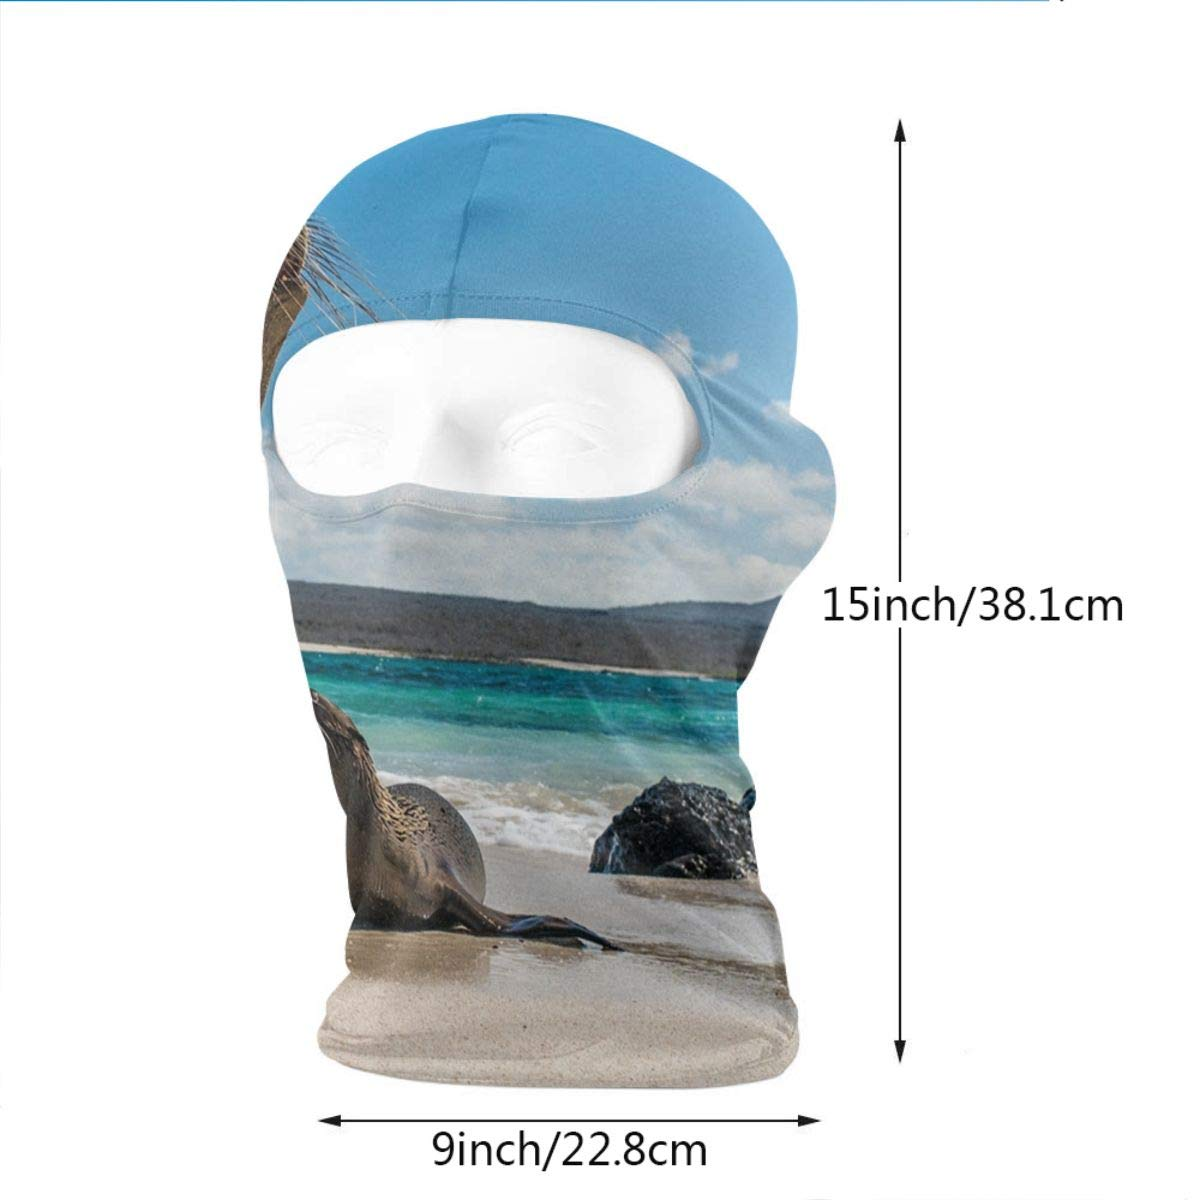 BEIKE6/&MIAN Sea Lion Balaclava-Ski Mask for Men Women Mountain Climbing Face Mask Hood